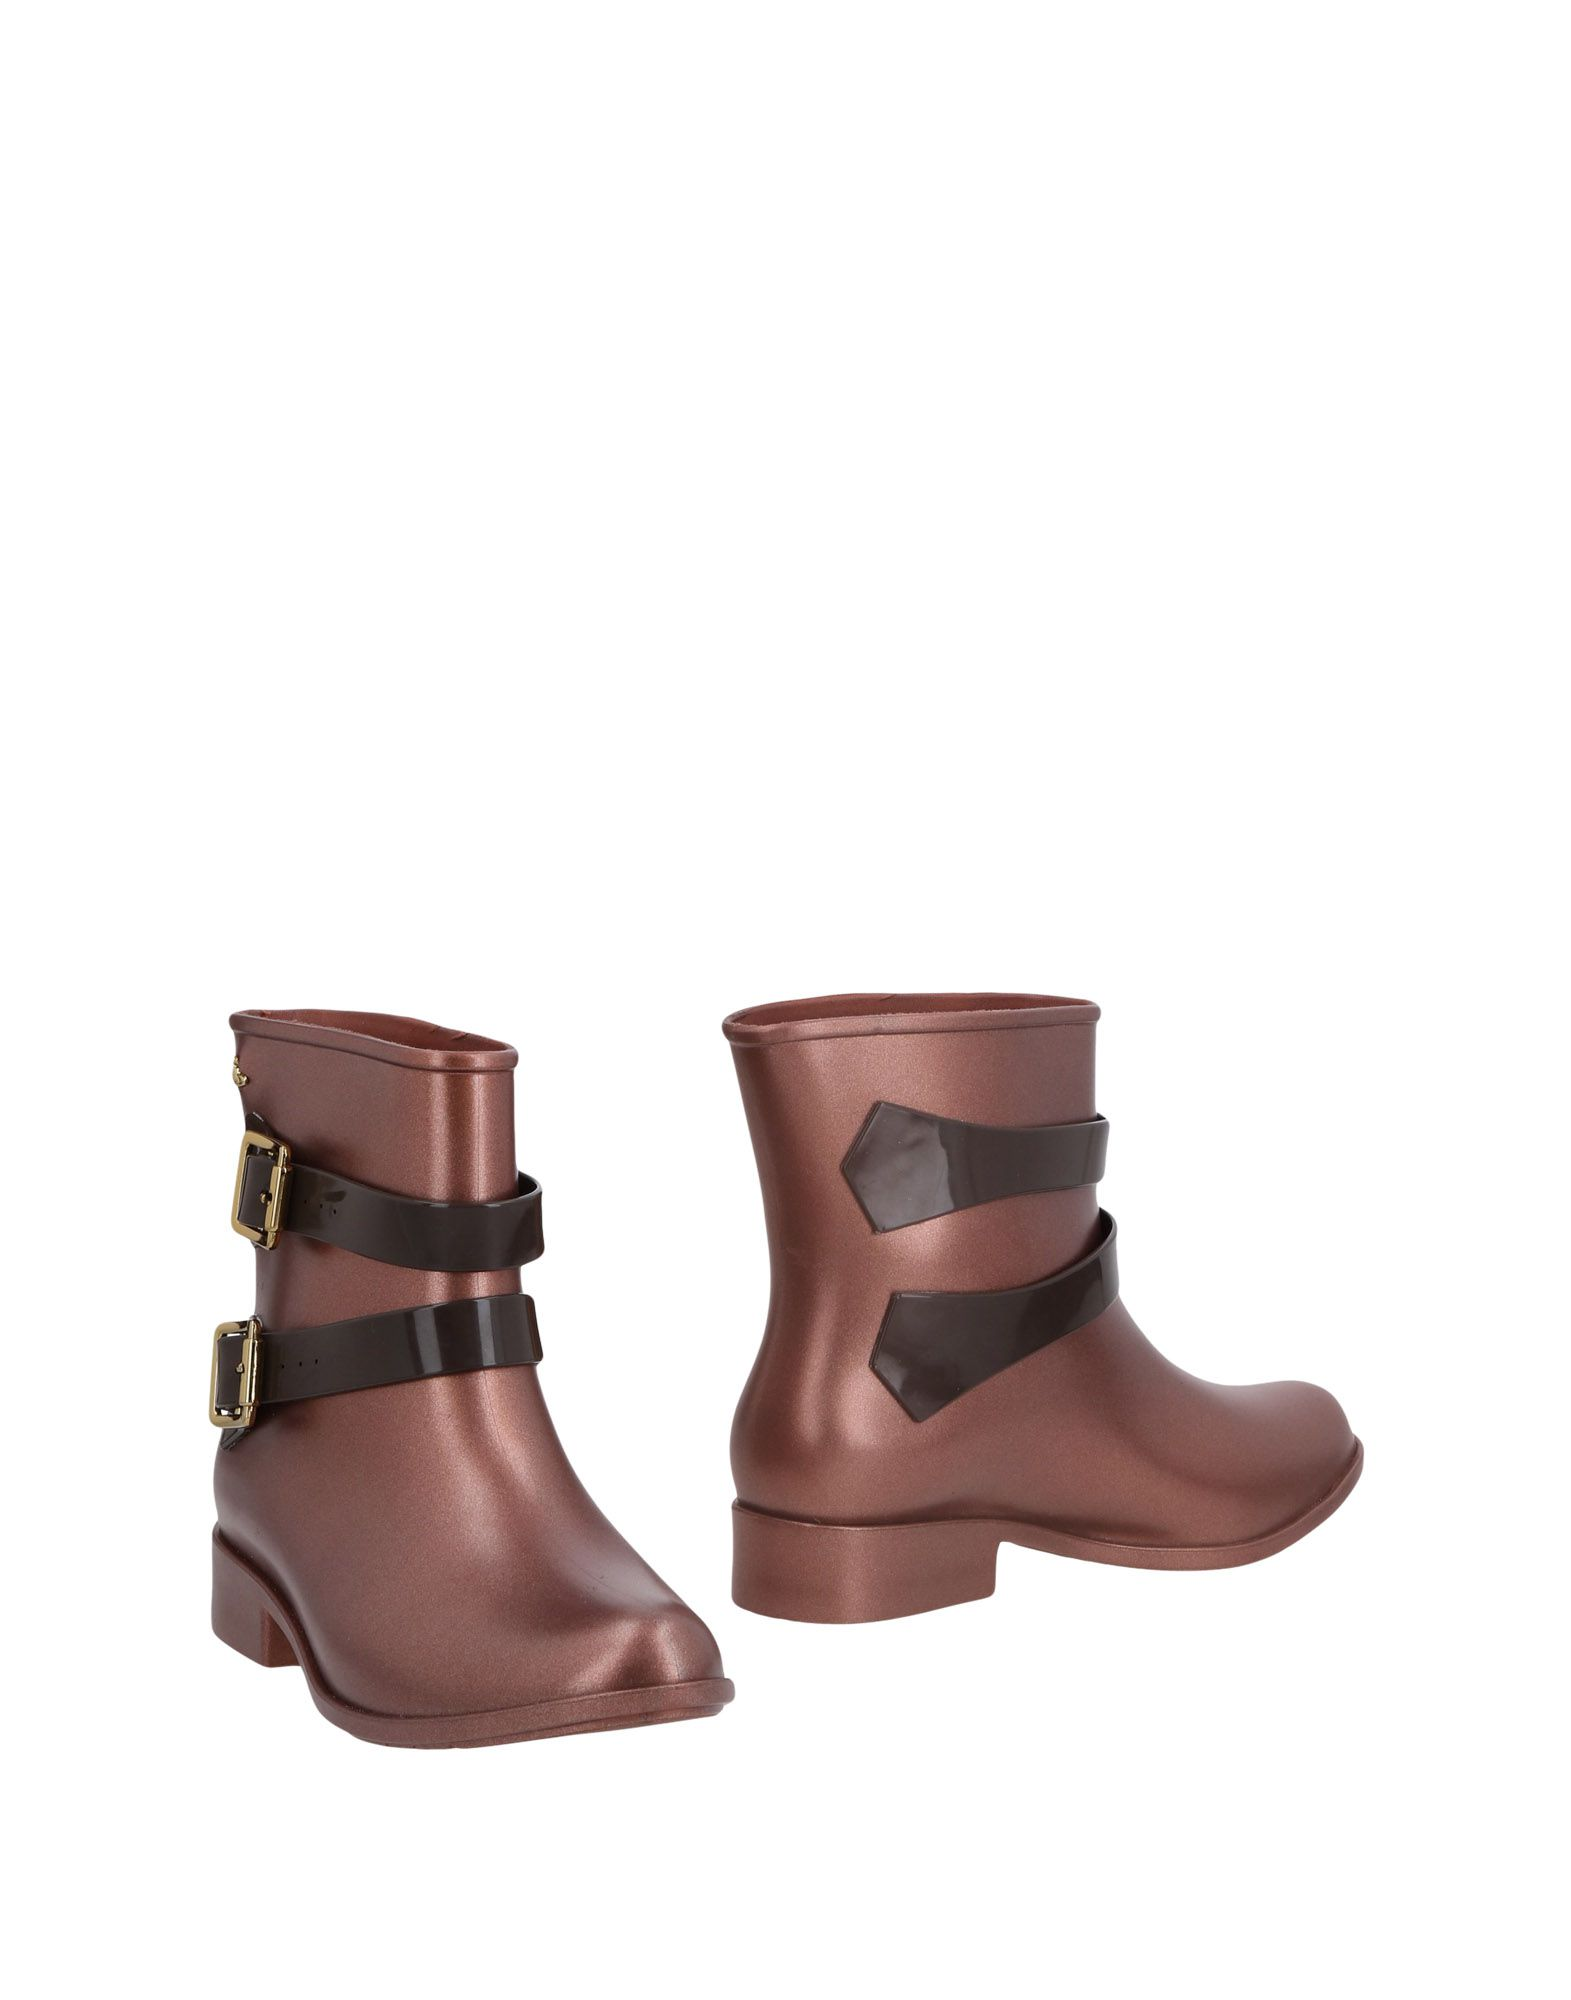 Vivienne Westwood Anglomania + Melissa Stiefelette Damen  11473678MC Gute Qualität beliebte Schuhe